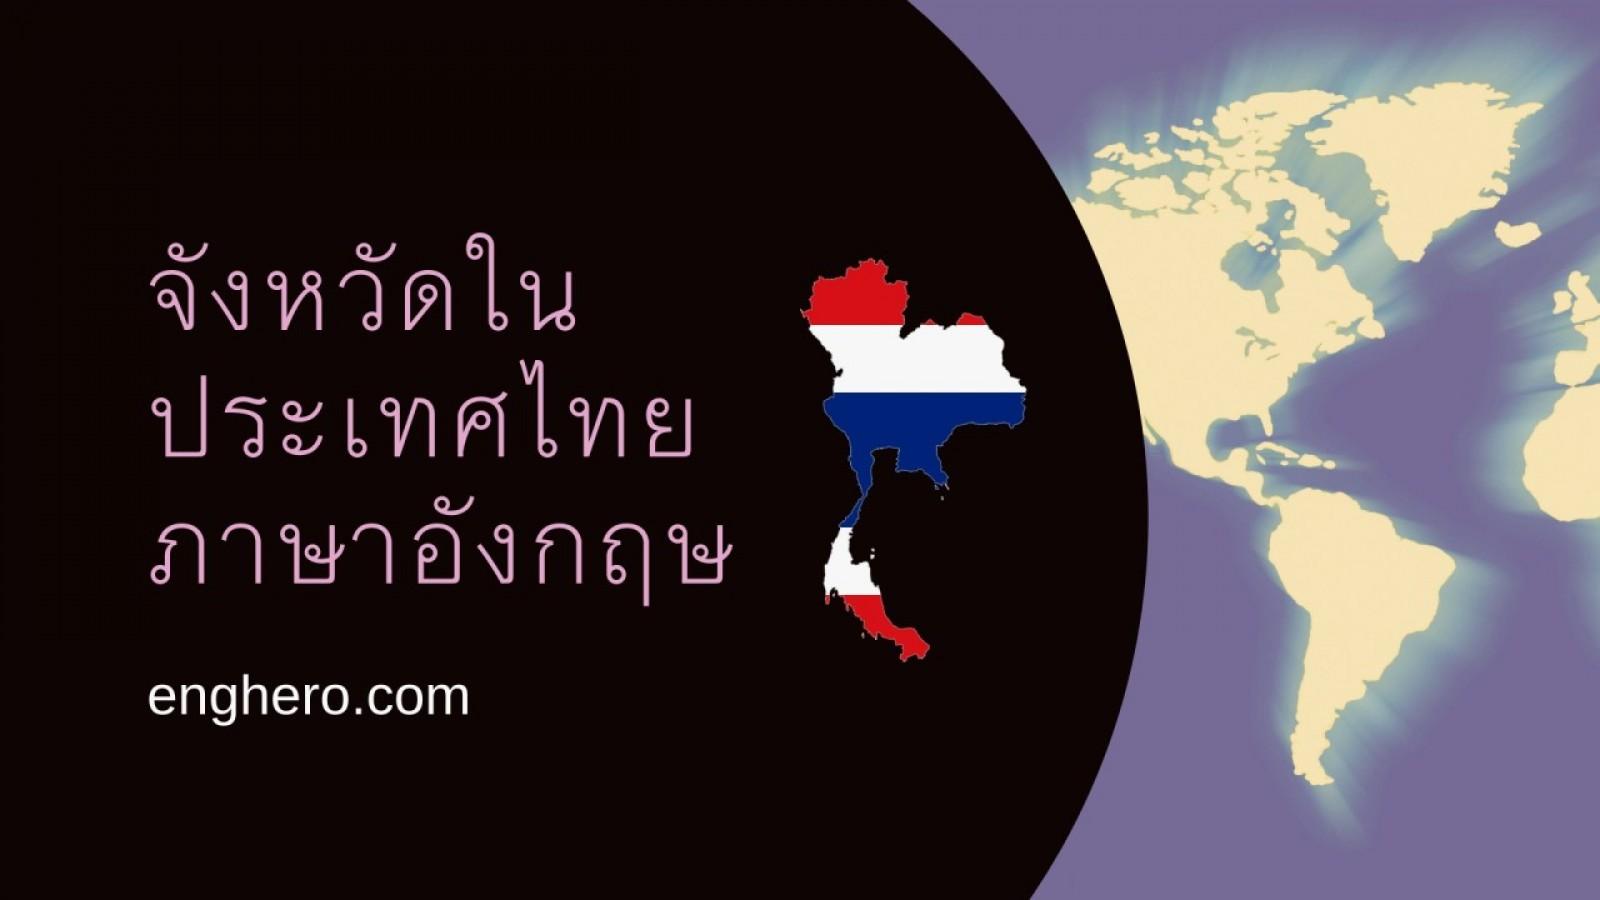 77 จังหวัดในประเทศไทย ภาษาอังกฤษ | Eng Hero เรียนภาษาอังกฤษ ออนไลน์ ฟรี